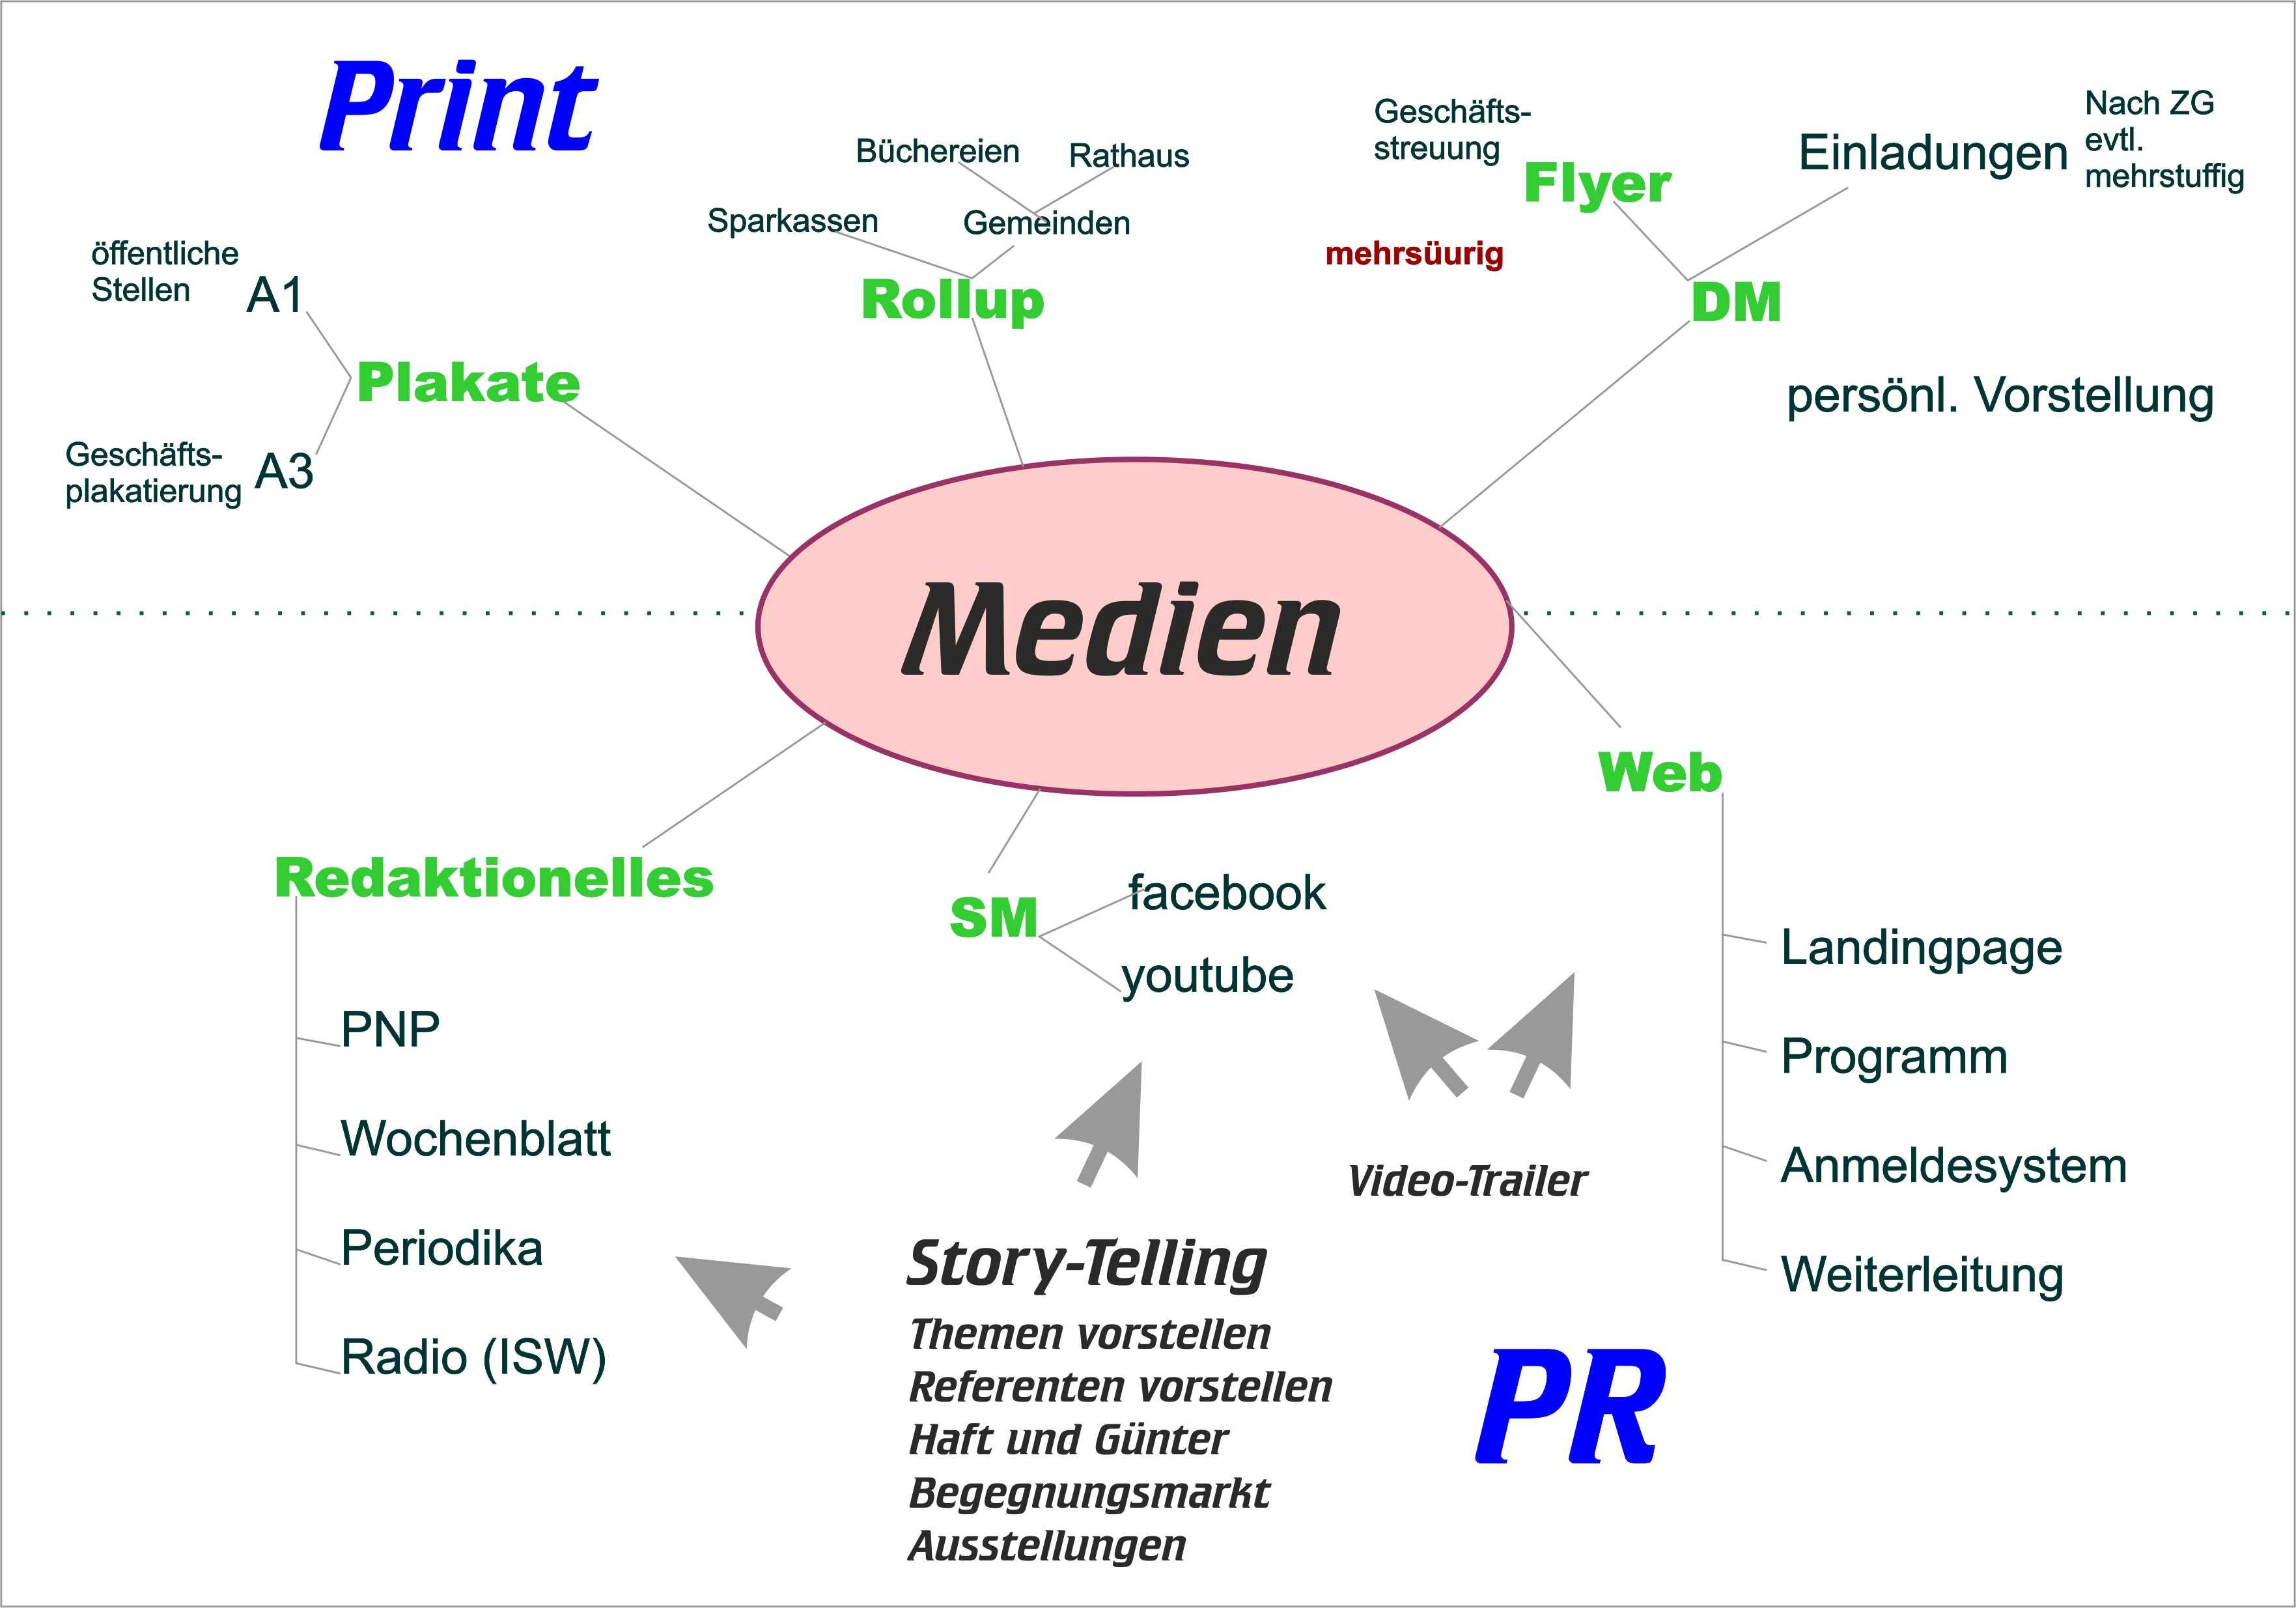 Medienstrategie